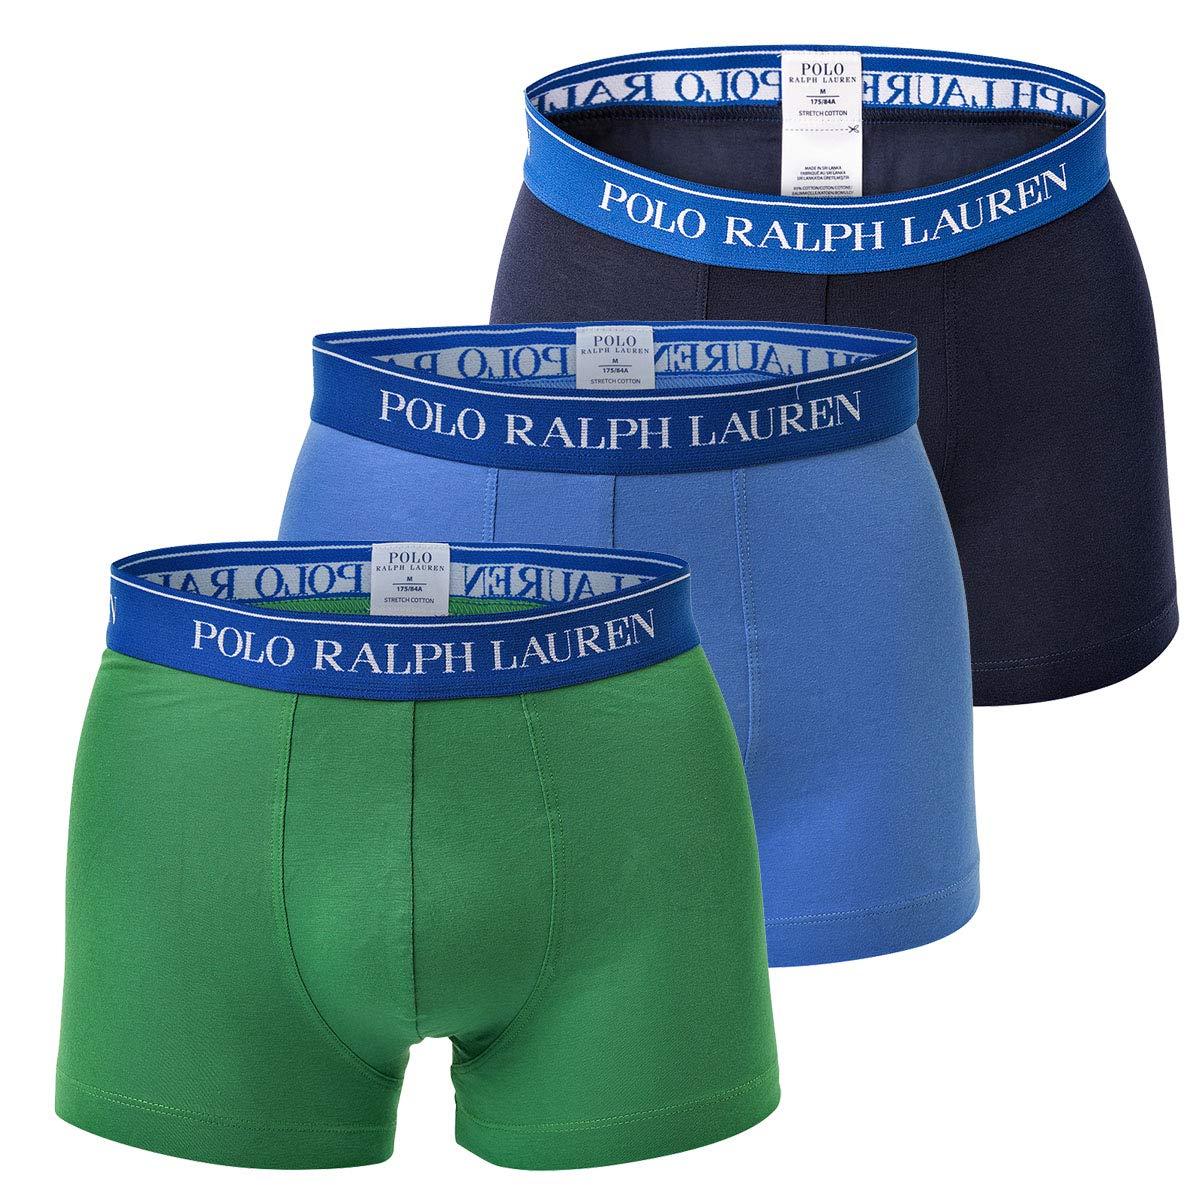 Polo Ralph Lauren Hombre Calzoncillos Paquete de 3 – Algodón, Multicolore